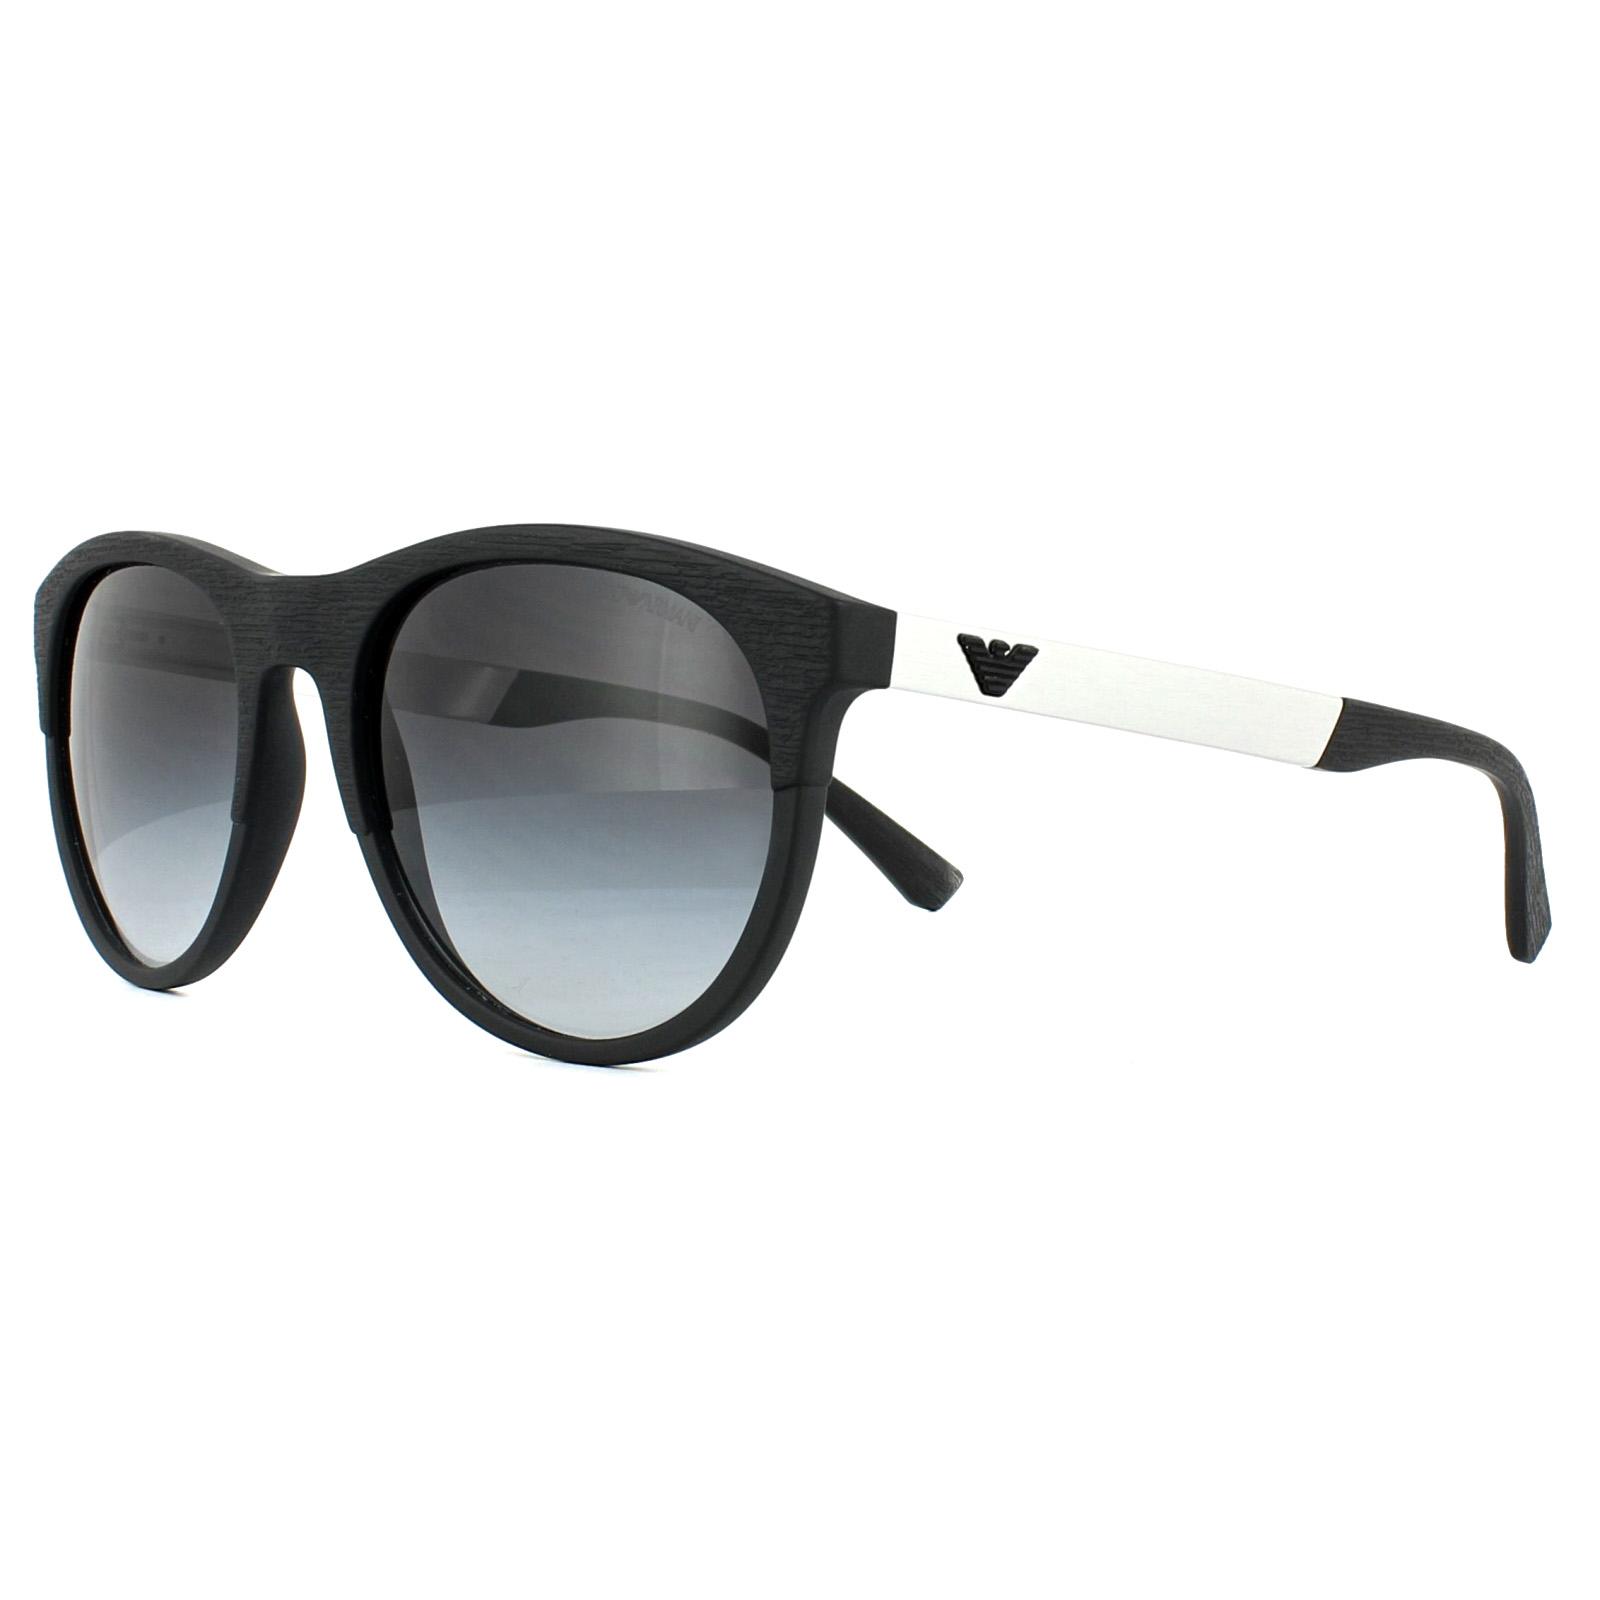 7b405e90c91 Sentinel Emporio Armani Sunglasses 4084 50428G Matt Black Grey Gradient